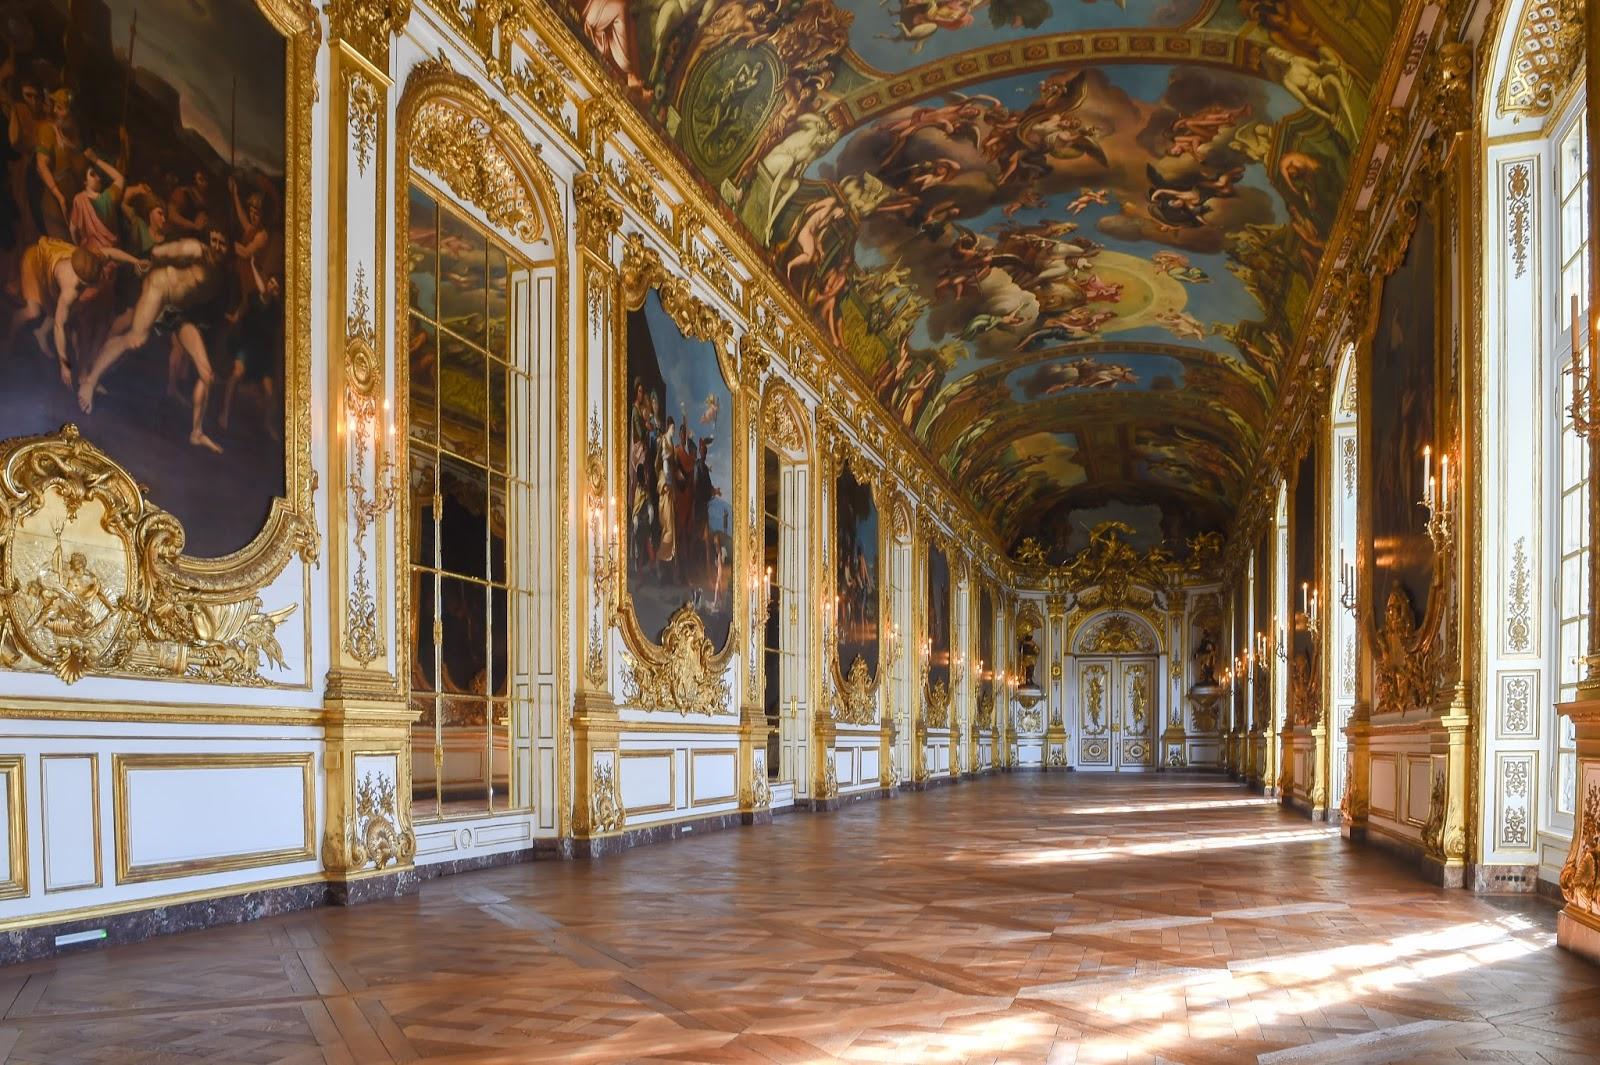 Banque de France - Journées européennes du patrimoine 2017